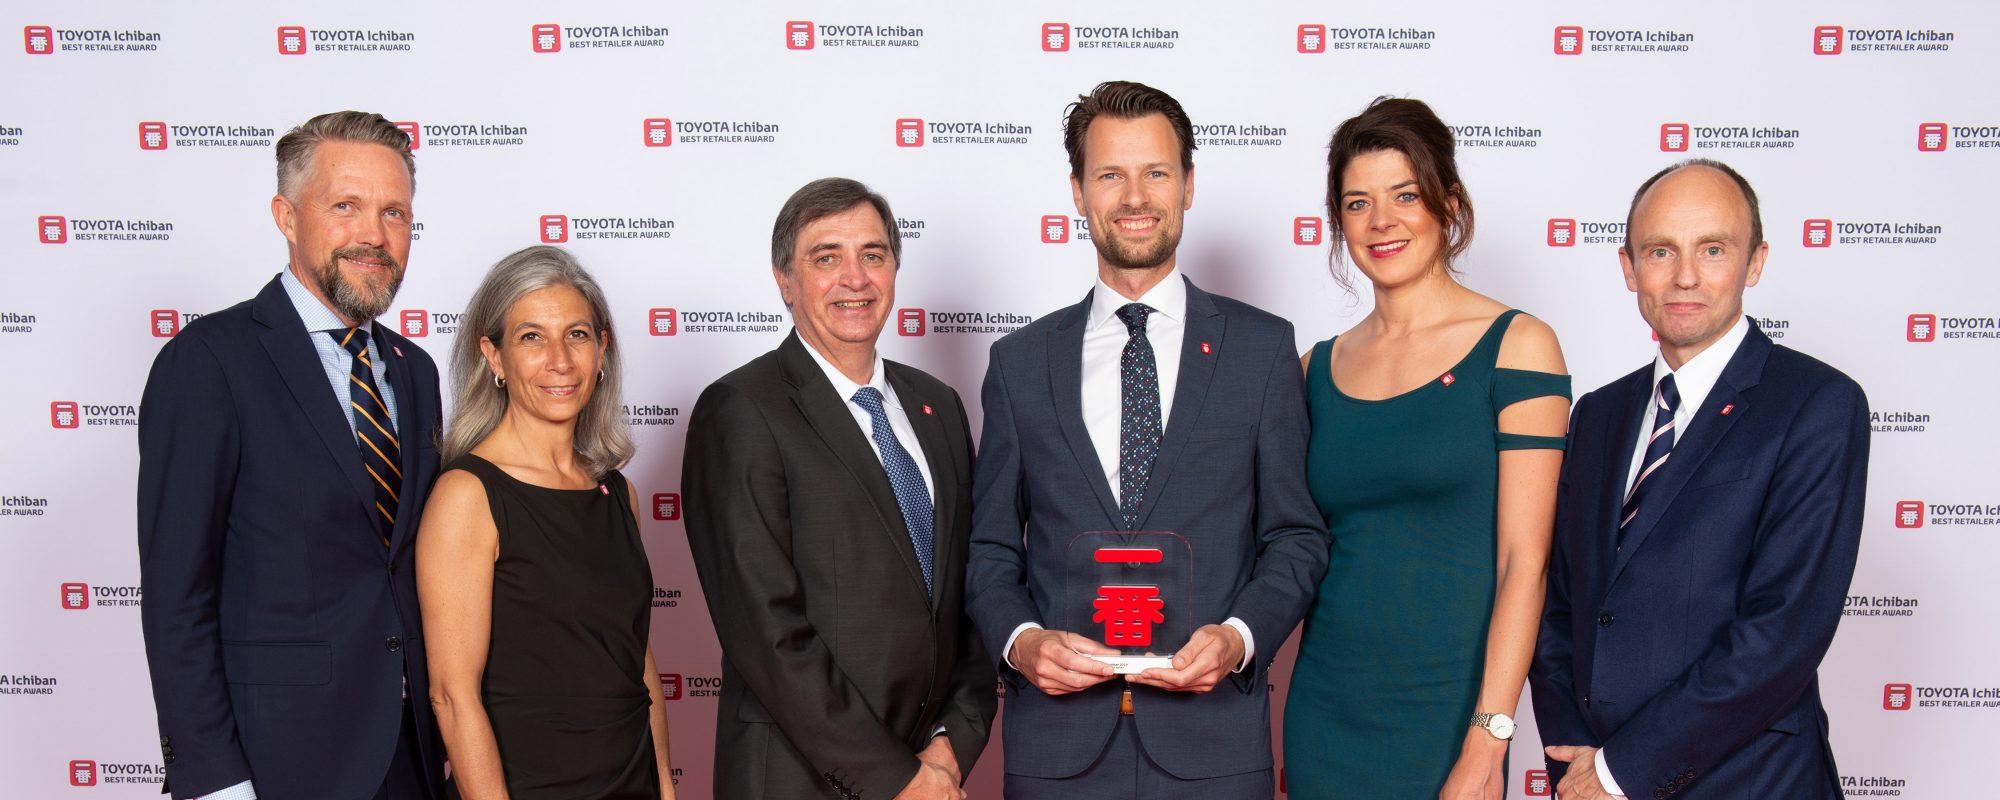 Toyota dealer Van Gent wint elfde klanttevredenheidsprijs op rij